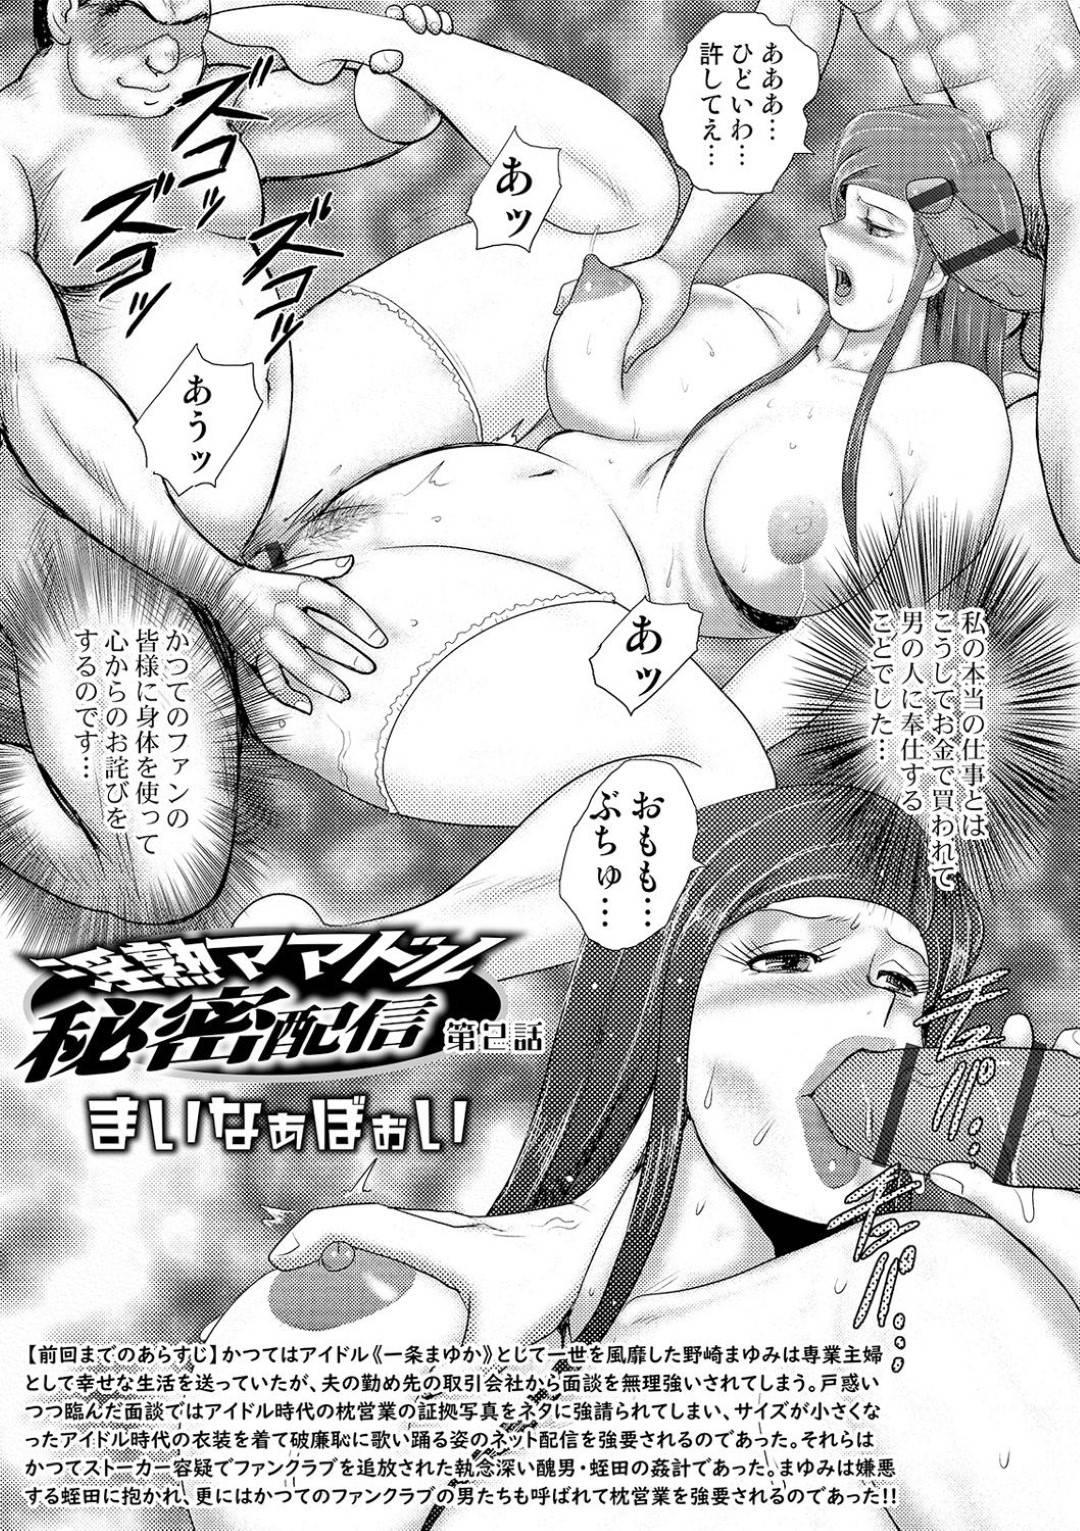 【エロ漫画】かつてアイドルとして一世を風靡していた巨乳人妻…しかしアイドル時代の枕営業で強請られファンクラブだった男達のチンポで犯される!【まいなぁぼぉい】